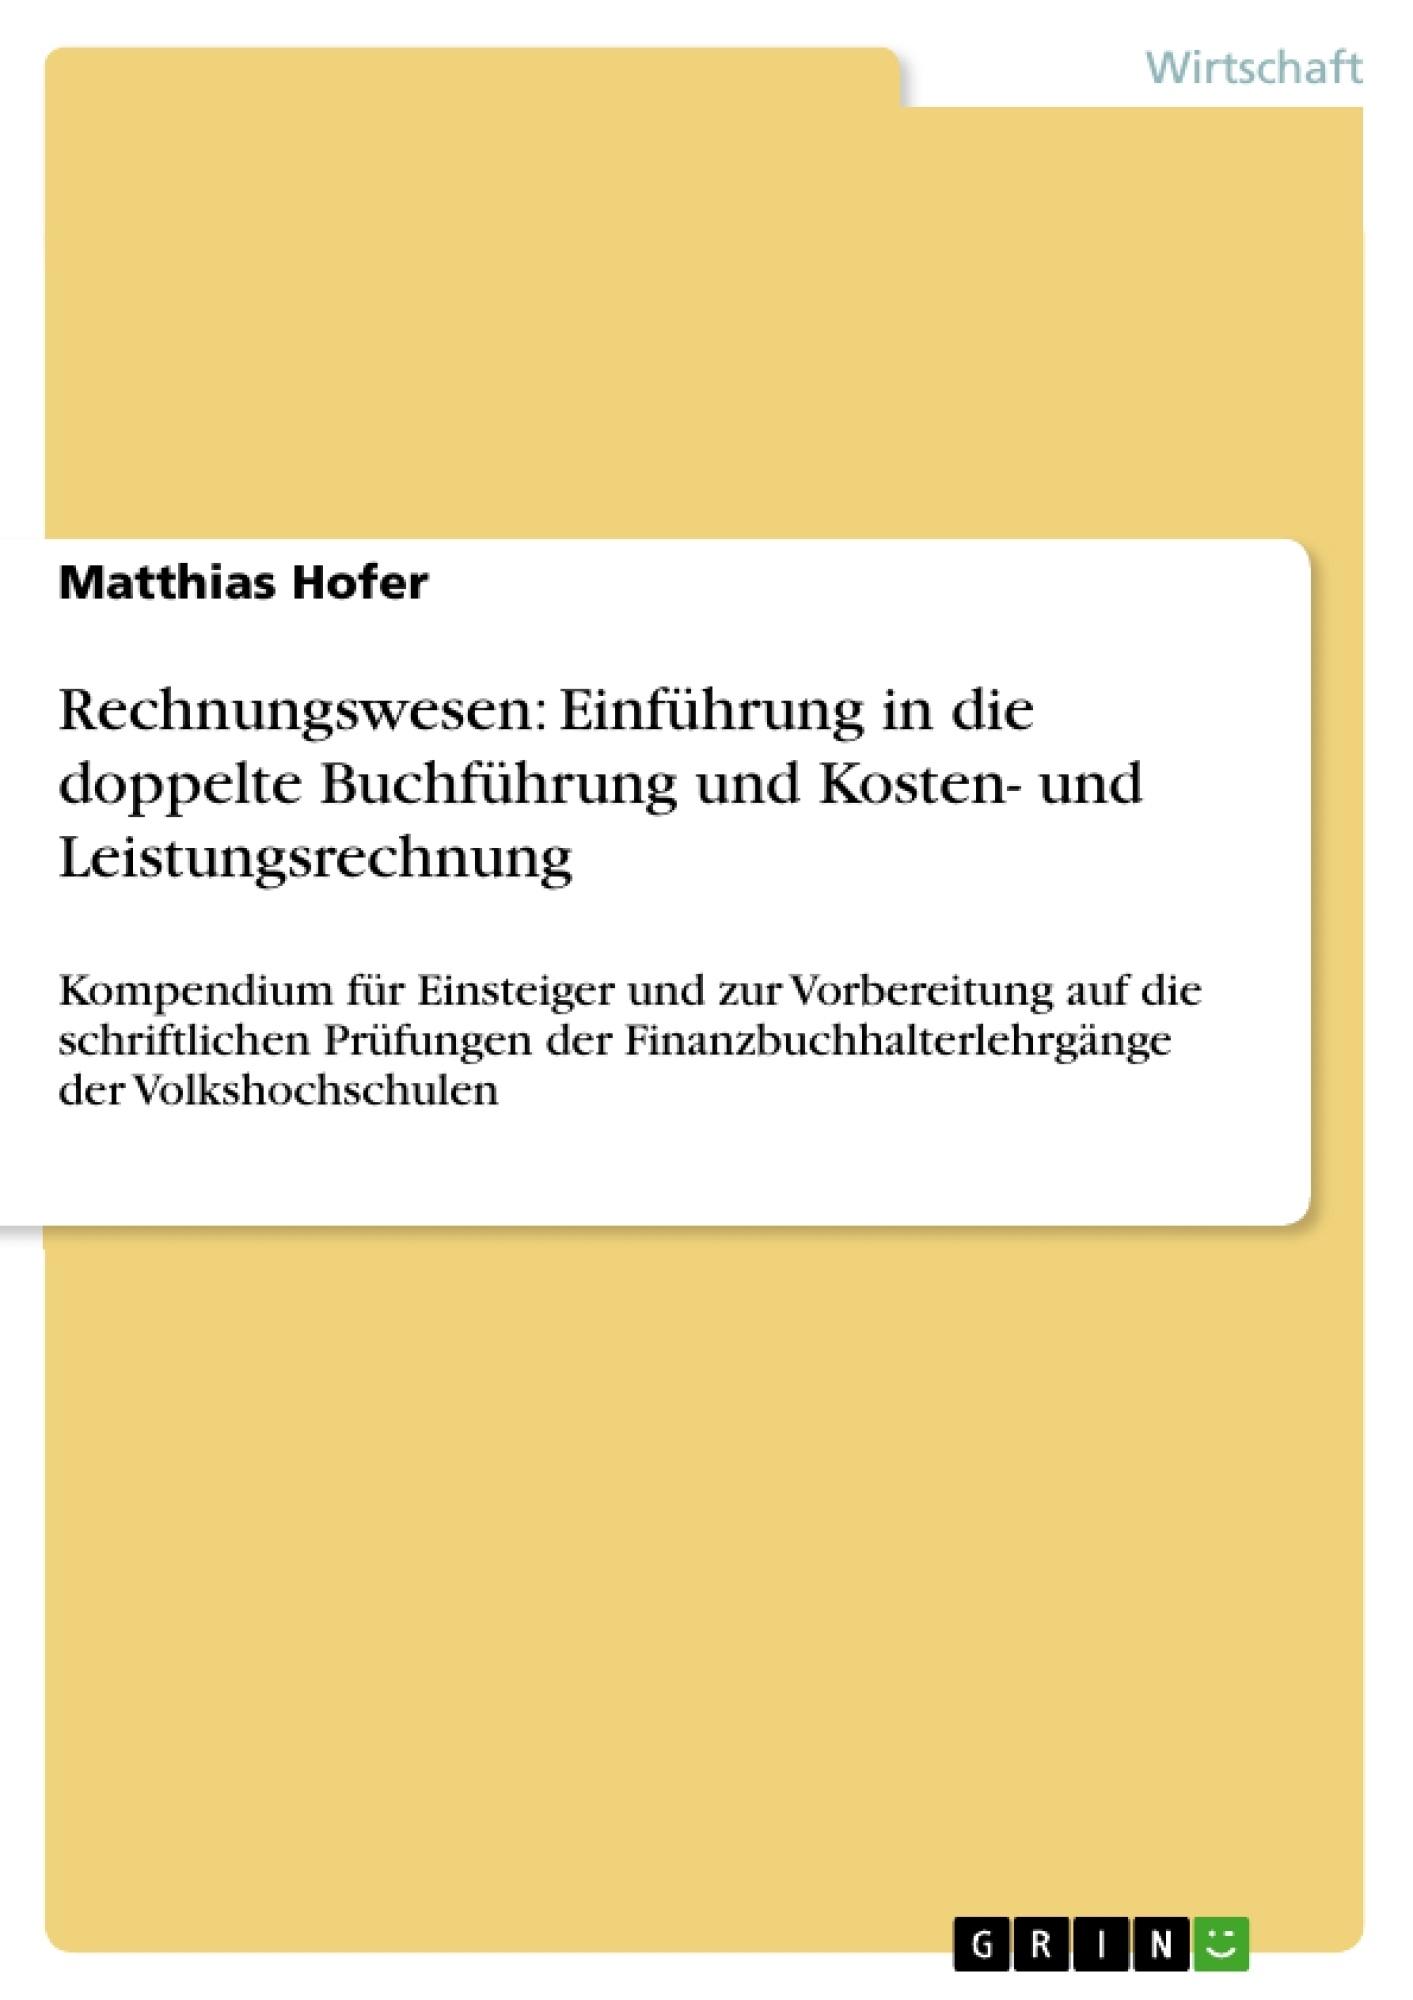 Rechnungswesen: Einführung in die doppelte Buchführung und Kosten ...